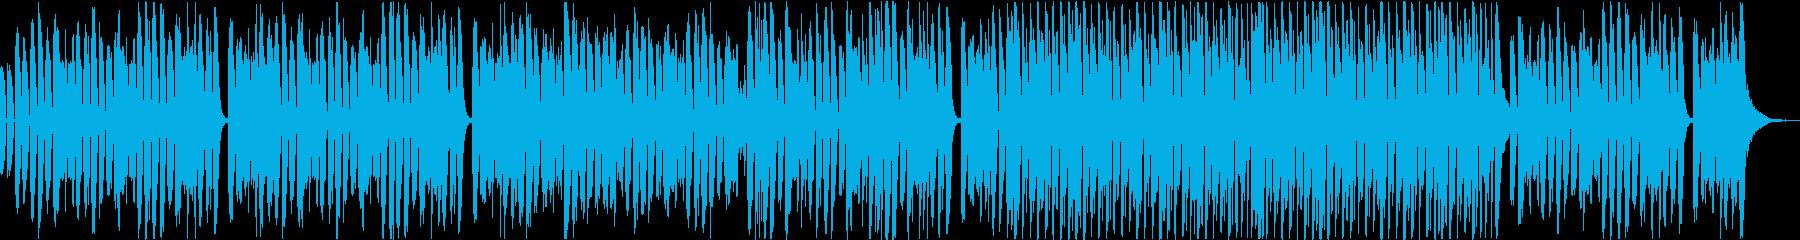 ピアノとダンスミュージックのミックスの再生済みの波形